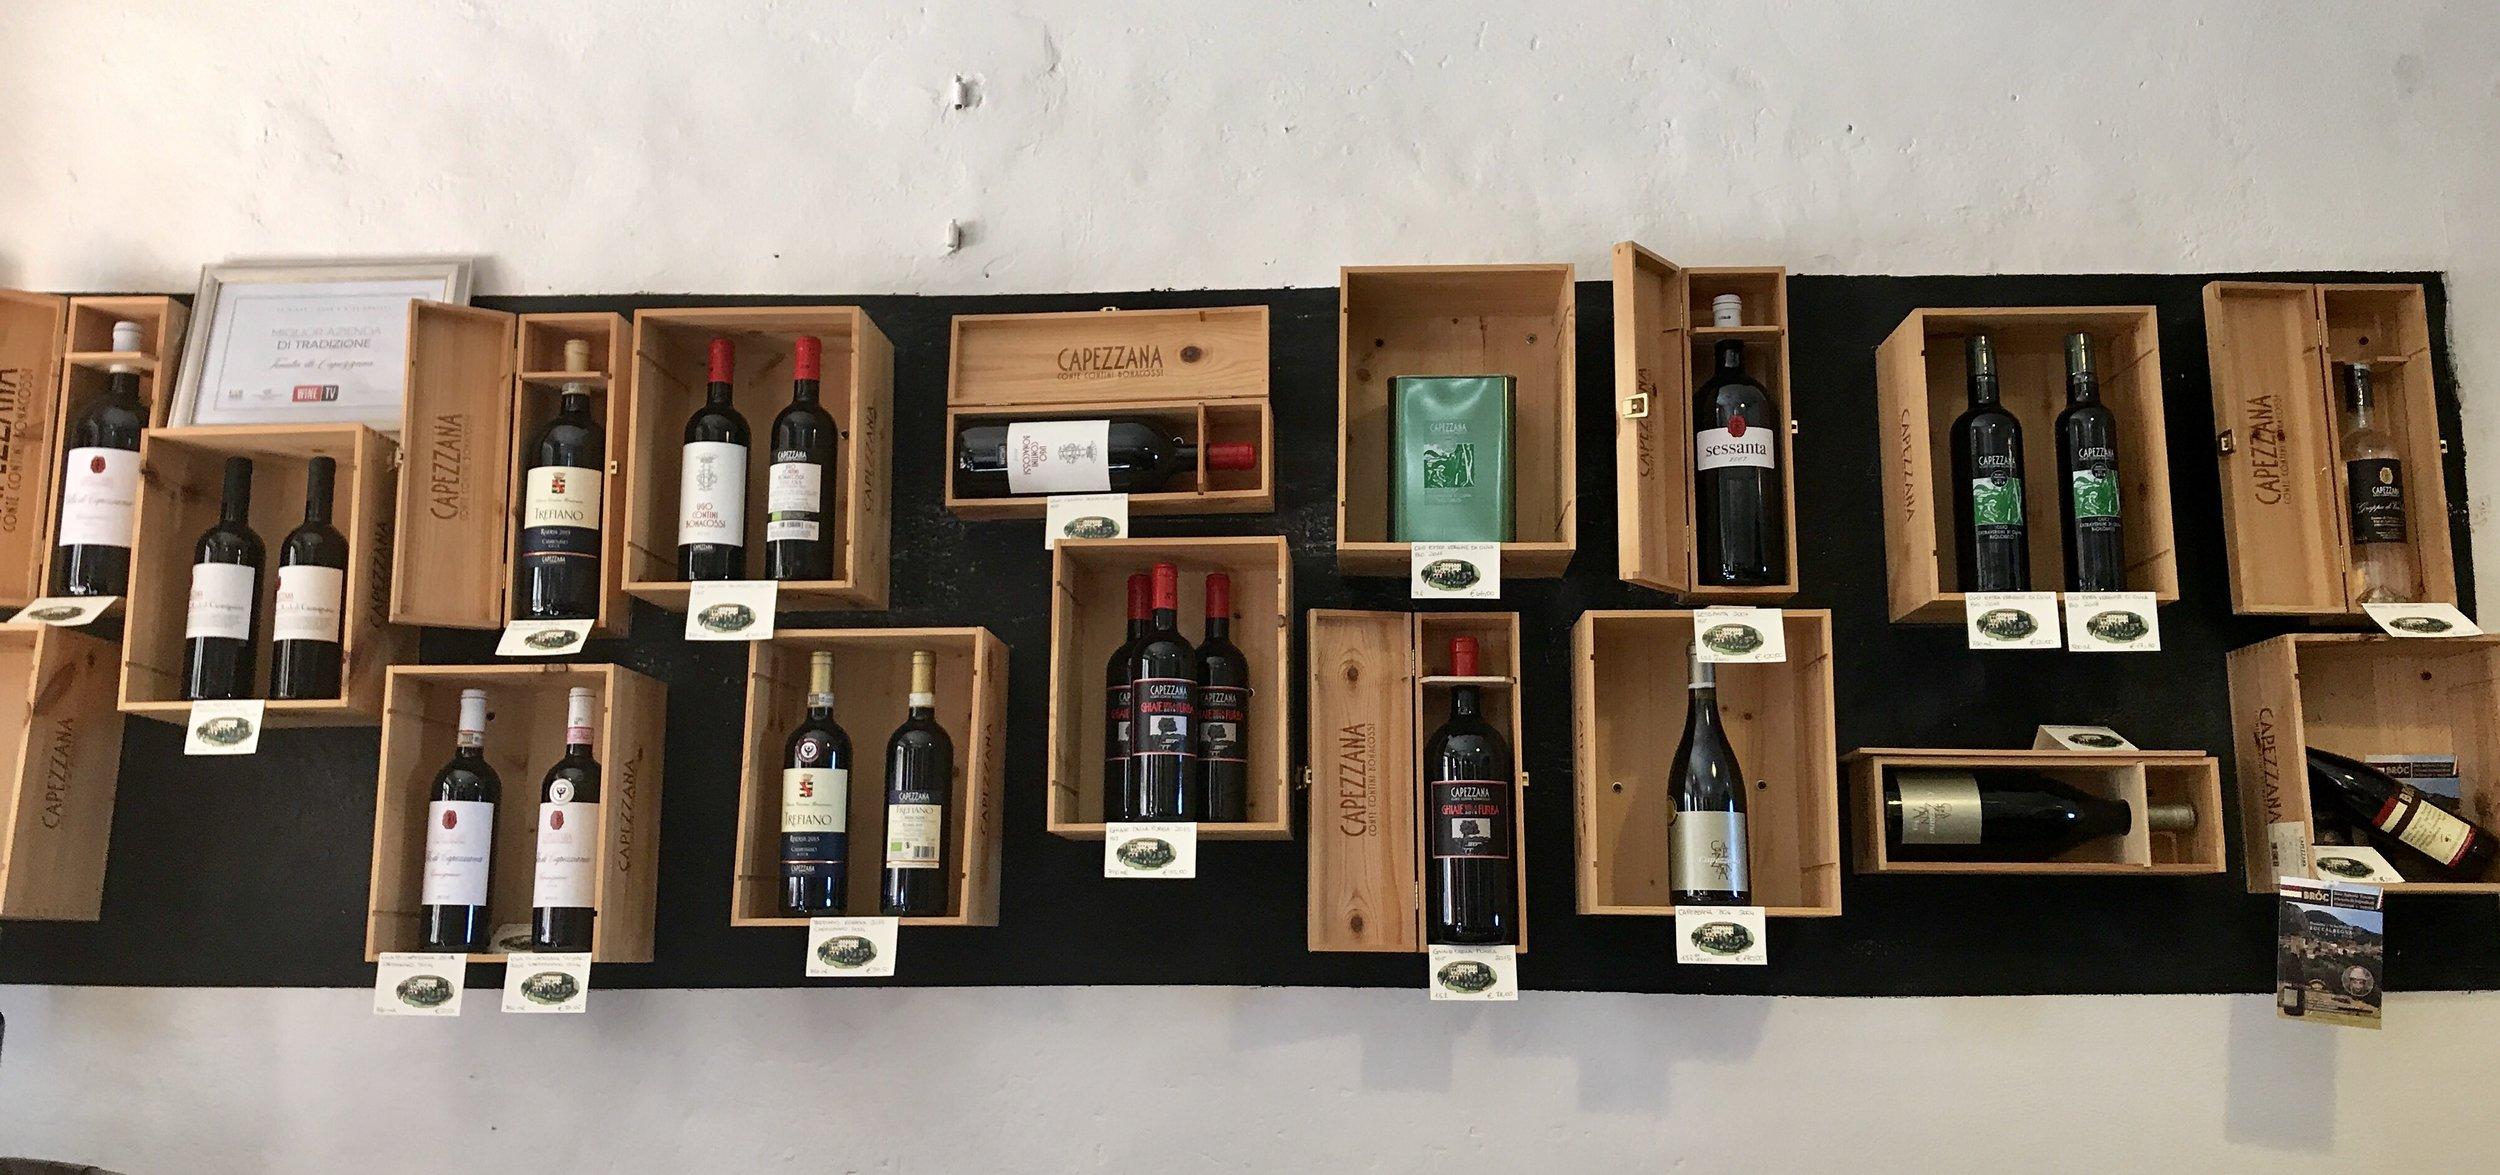 Capezza wines